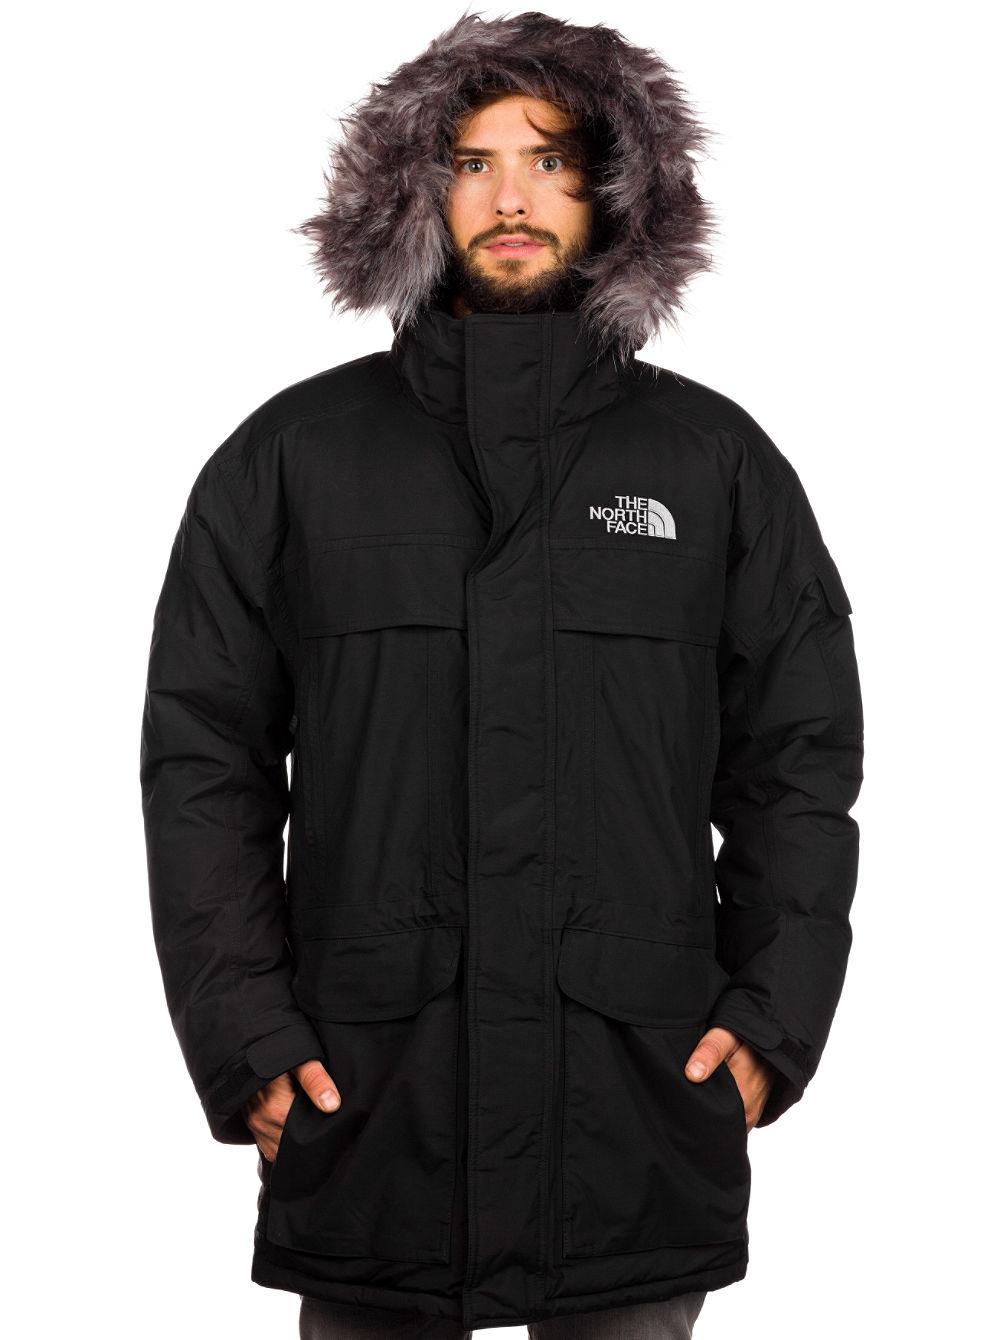 buy the north face mcmurdo parka jacket online at blue. Black Bedroom Furniture Sets. Home Design Ideas